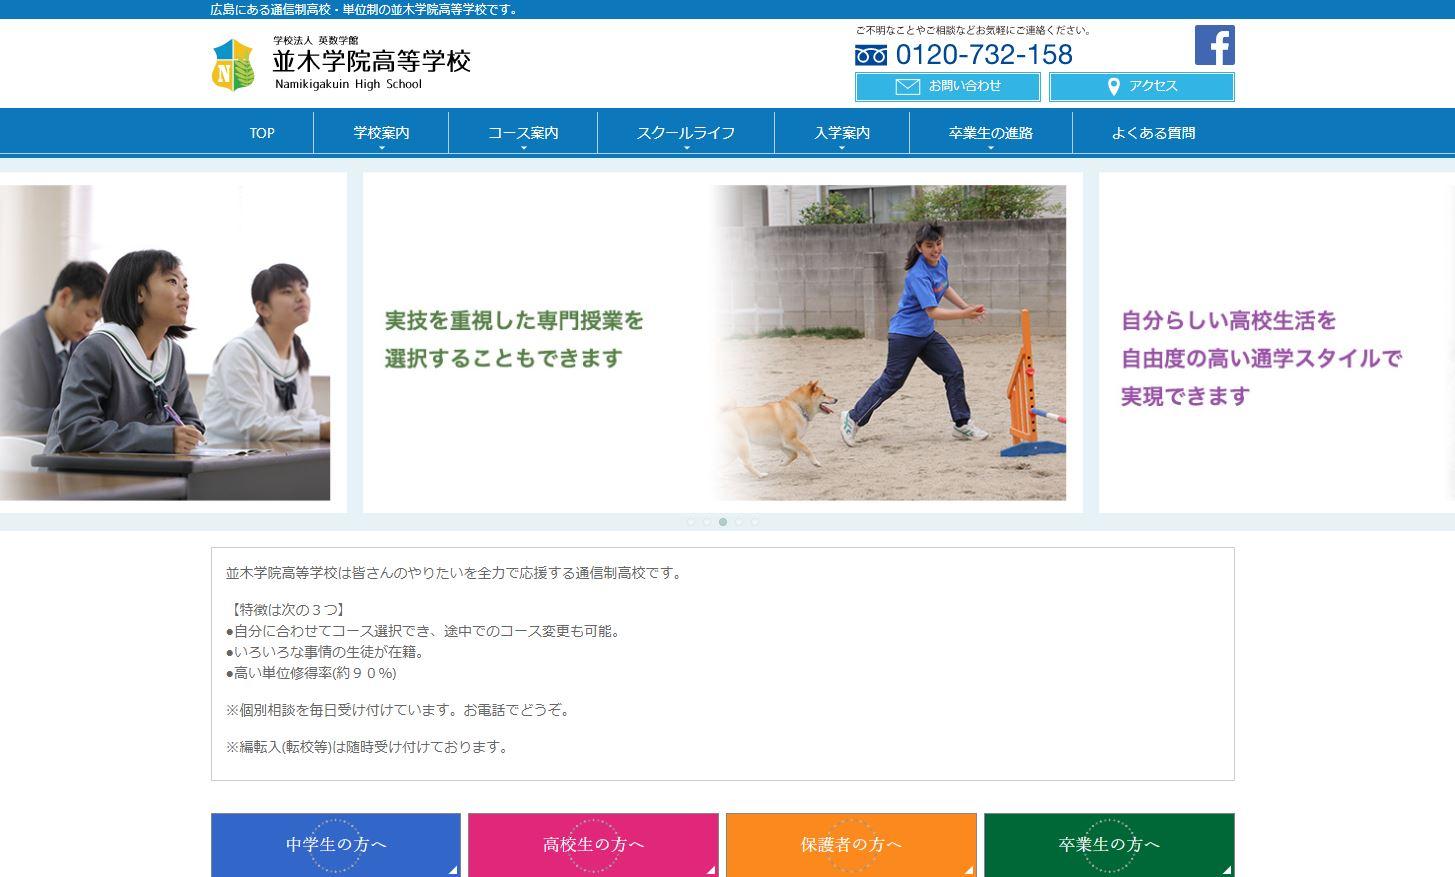 【WEB】初めて訪れた方にも親切なホームページ